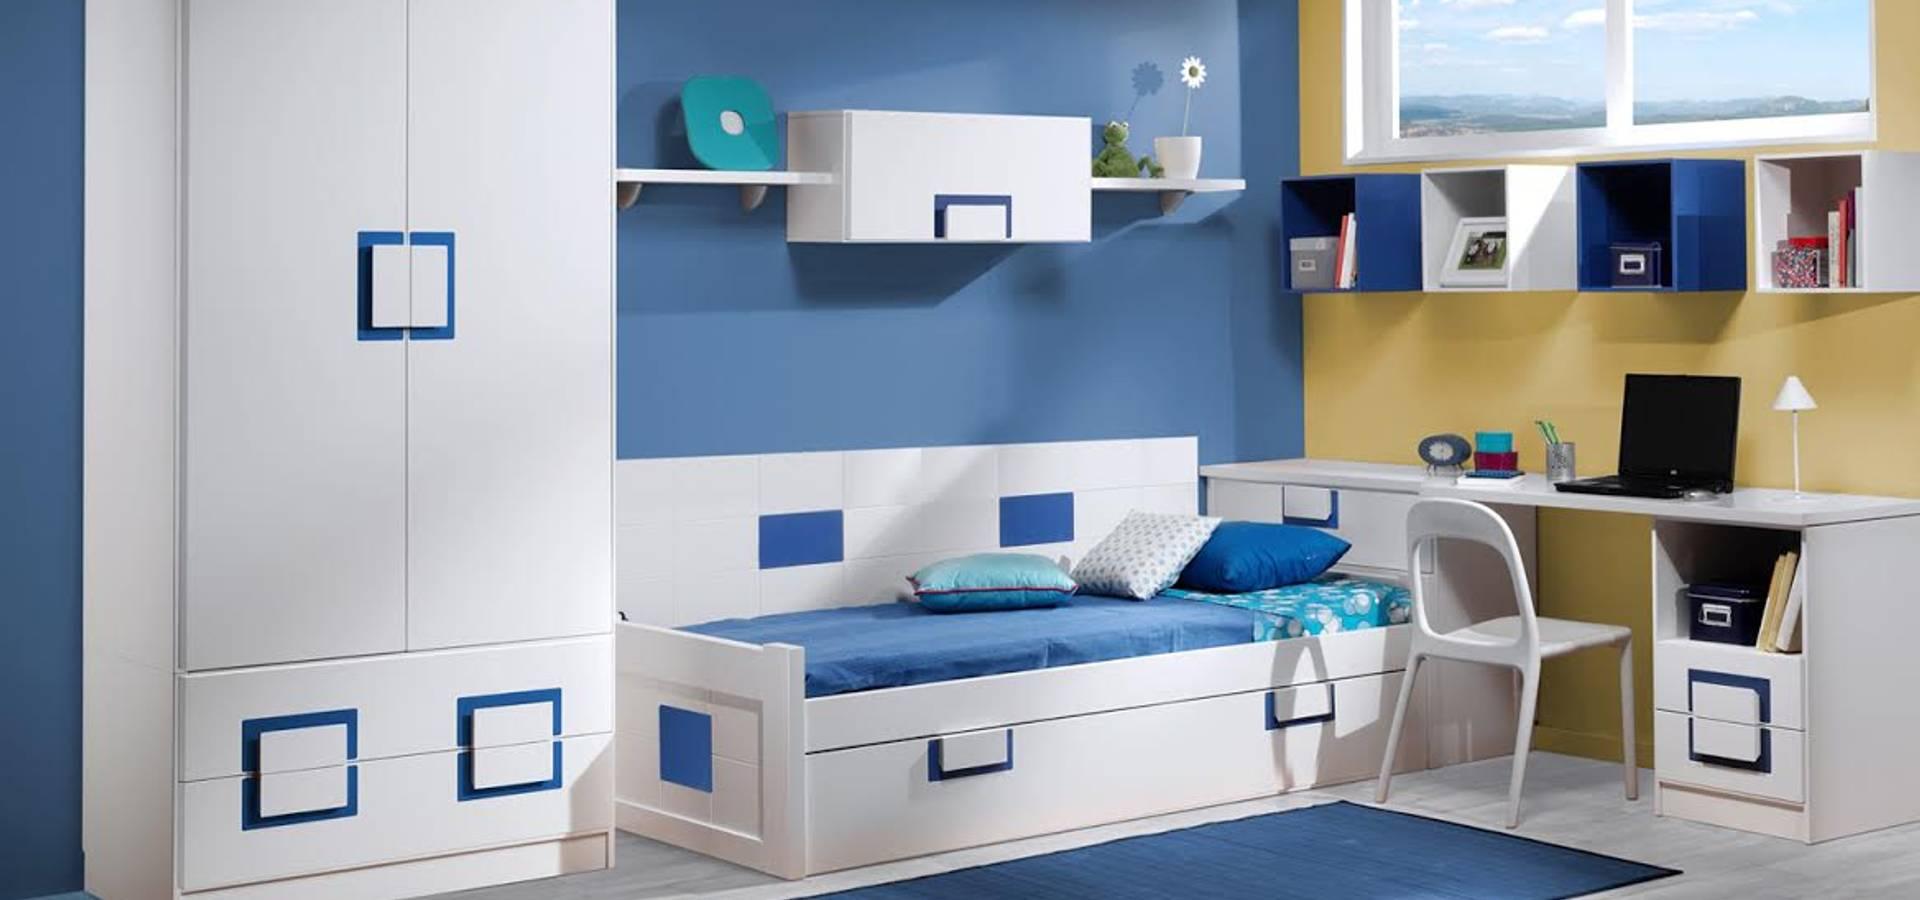 Dormitorios jueveniles de muebles tante homify for Muebles tante